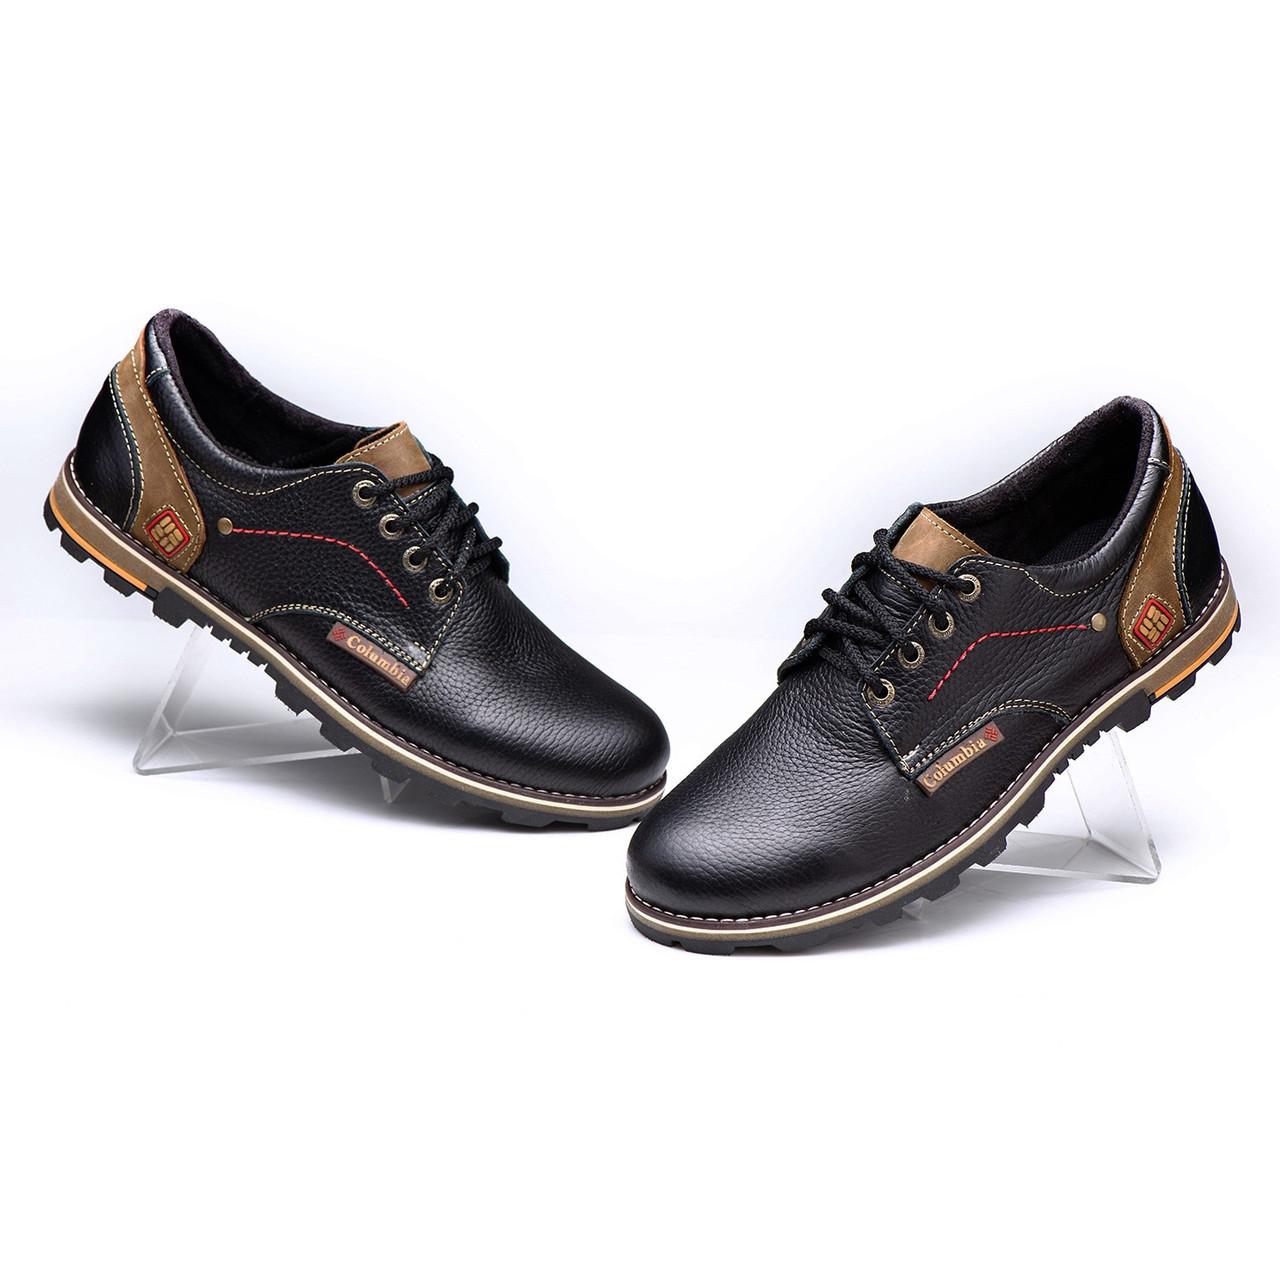 Мужские кожаные туфли Columbia Model -C47 размеры 40 41 42 43 44 45